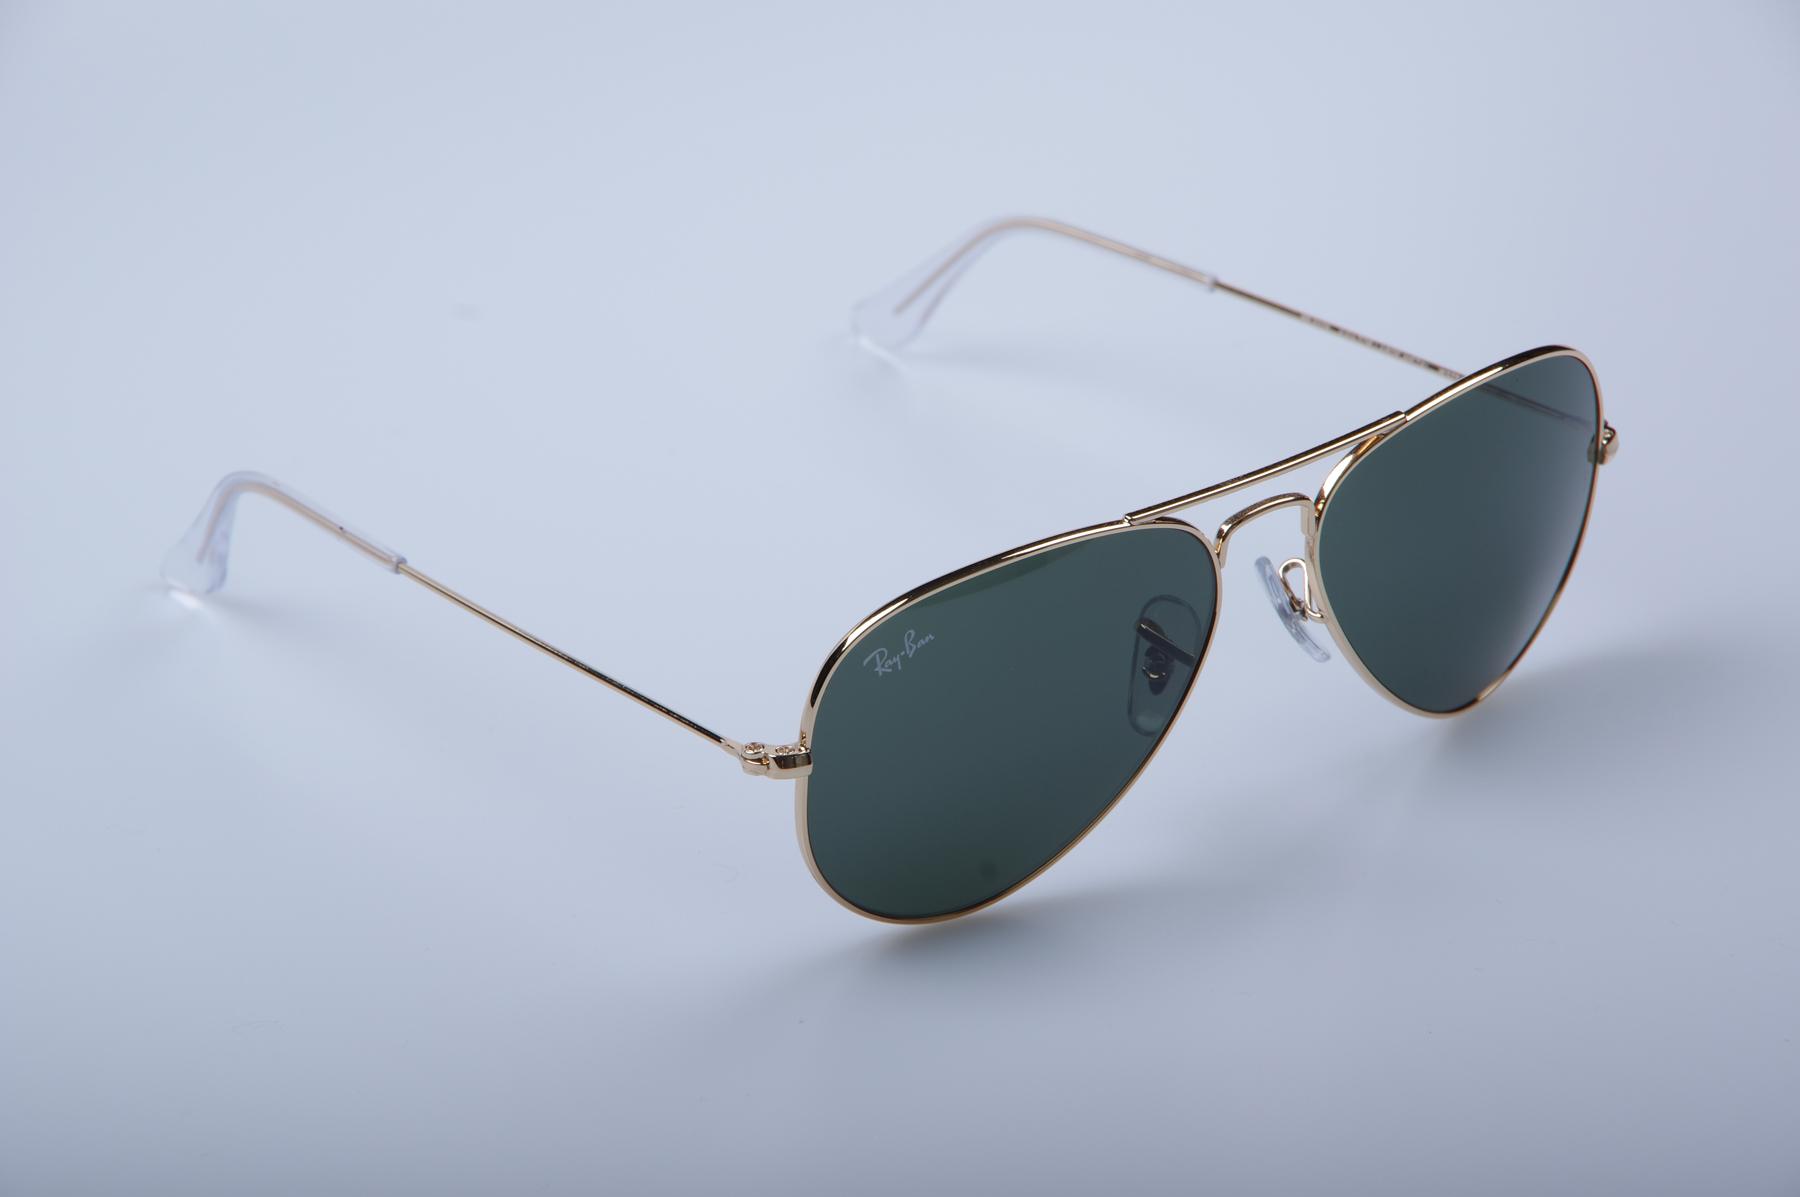 Où trouver les lunettes de soleil RAY BAN Aviator à proximité de Le Havre  76 Où acheter les RAY BAN AViATOR proche Le Havre, ... 3897ed172fab